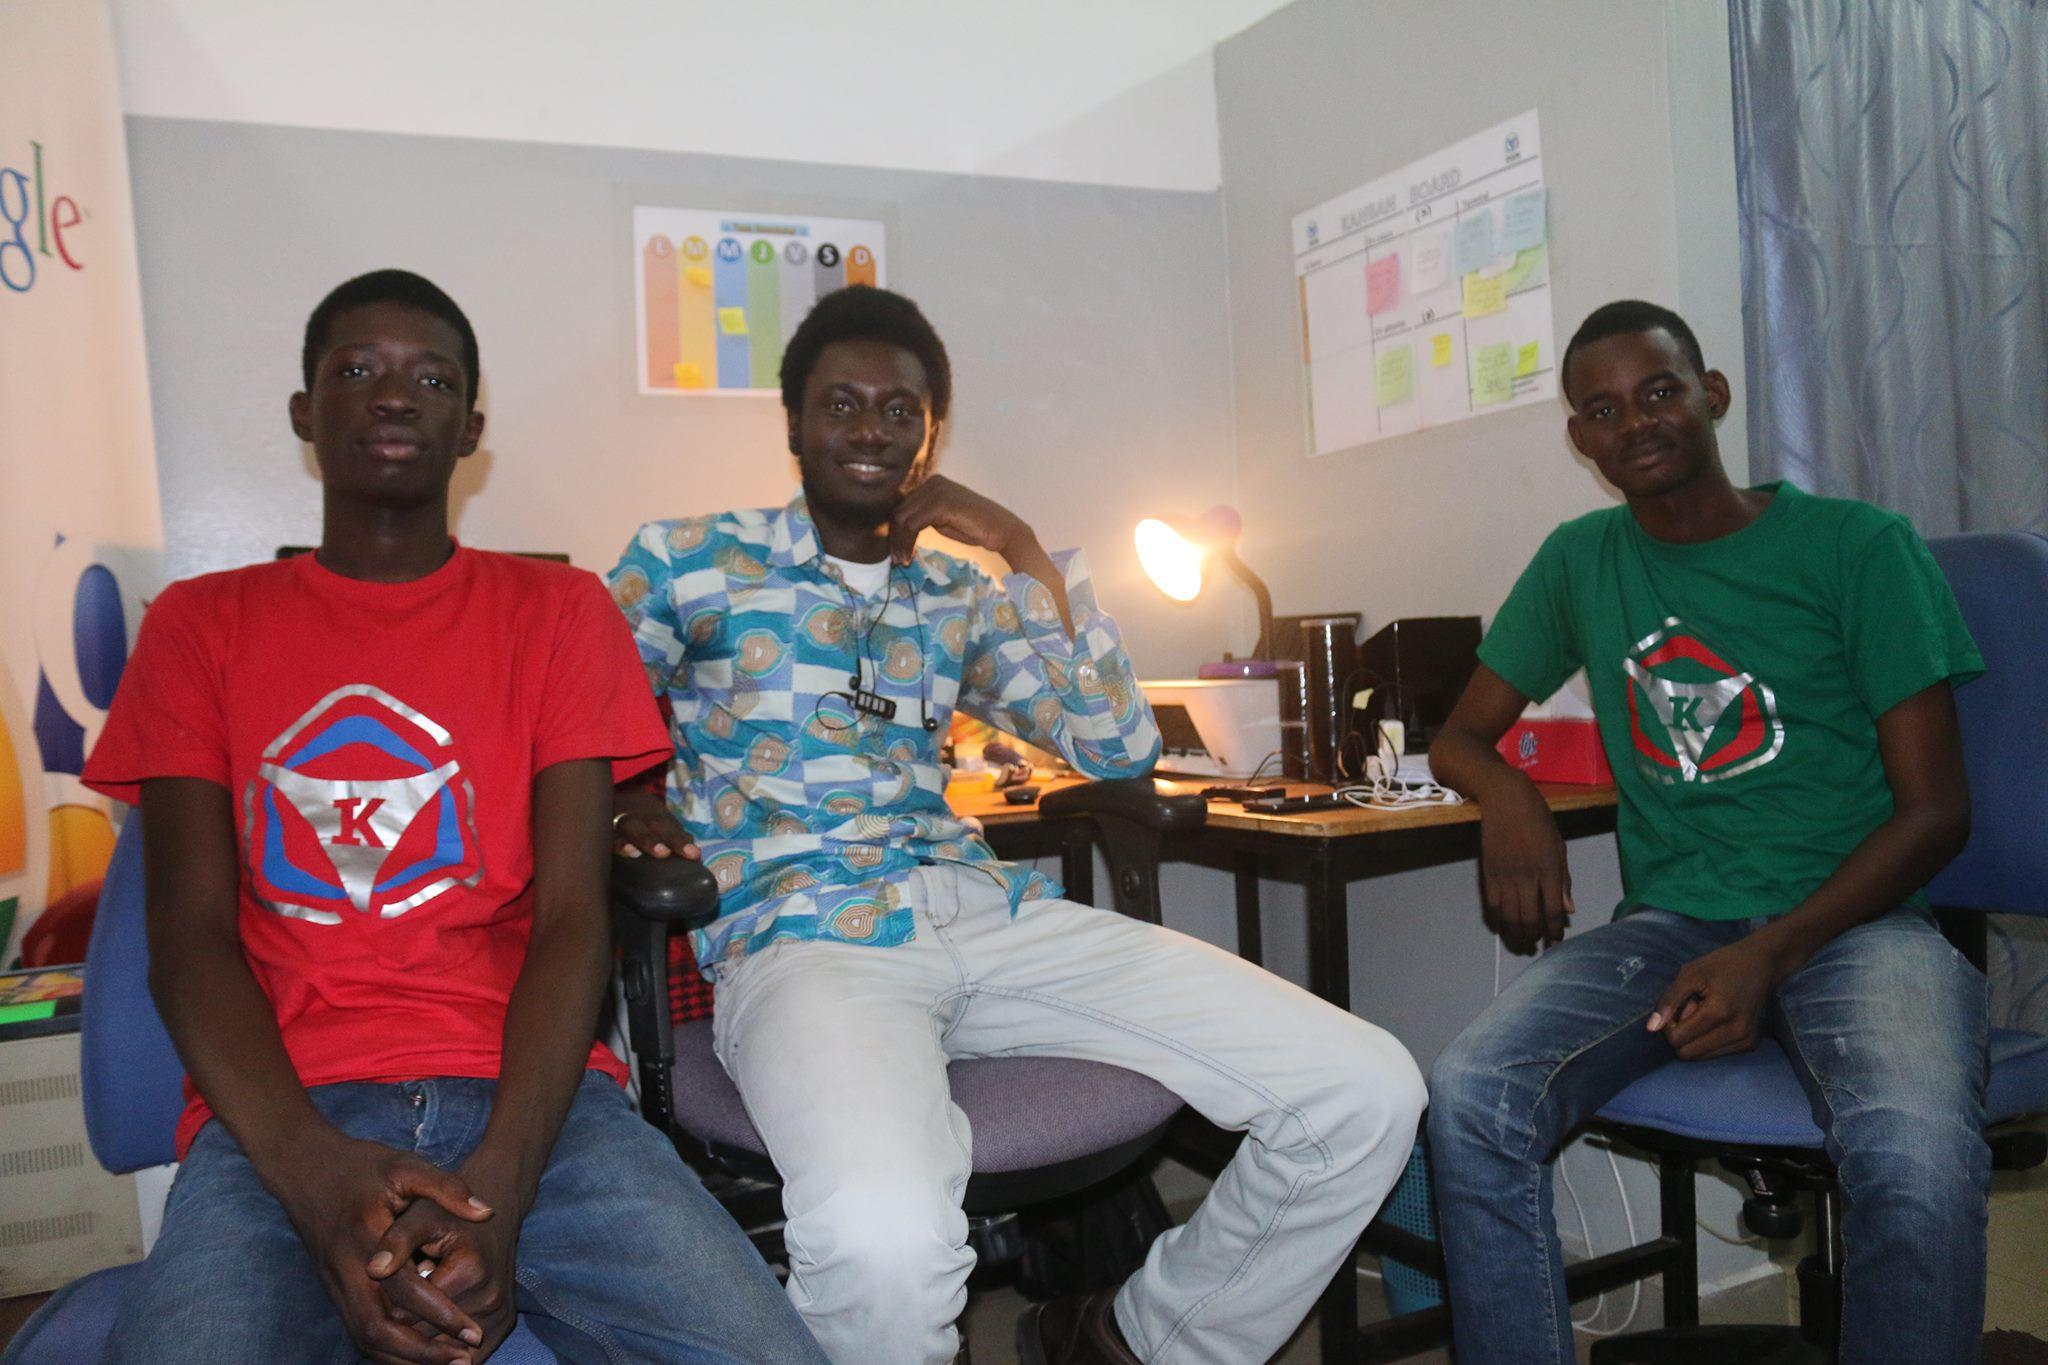 Développement web : L'ESP enfante sa première start-up